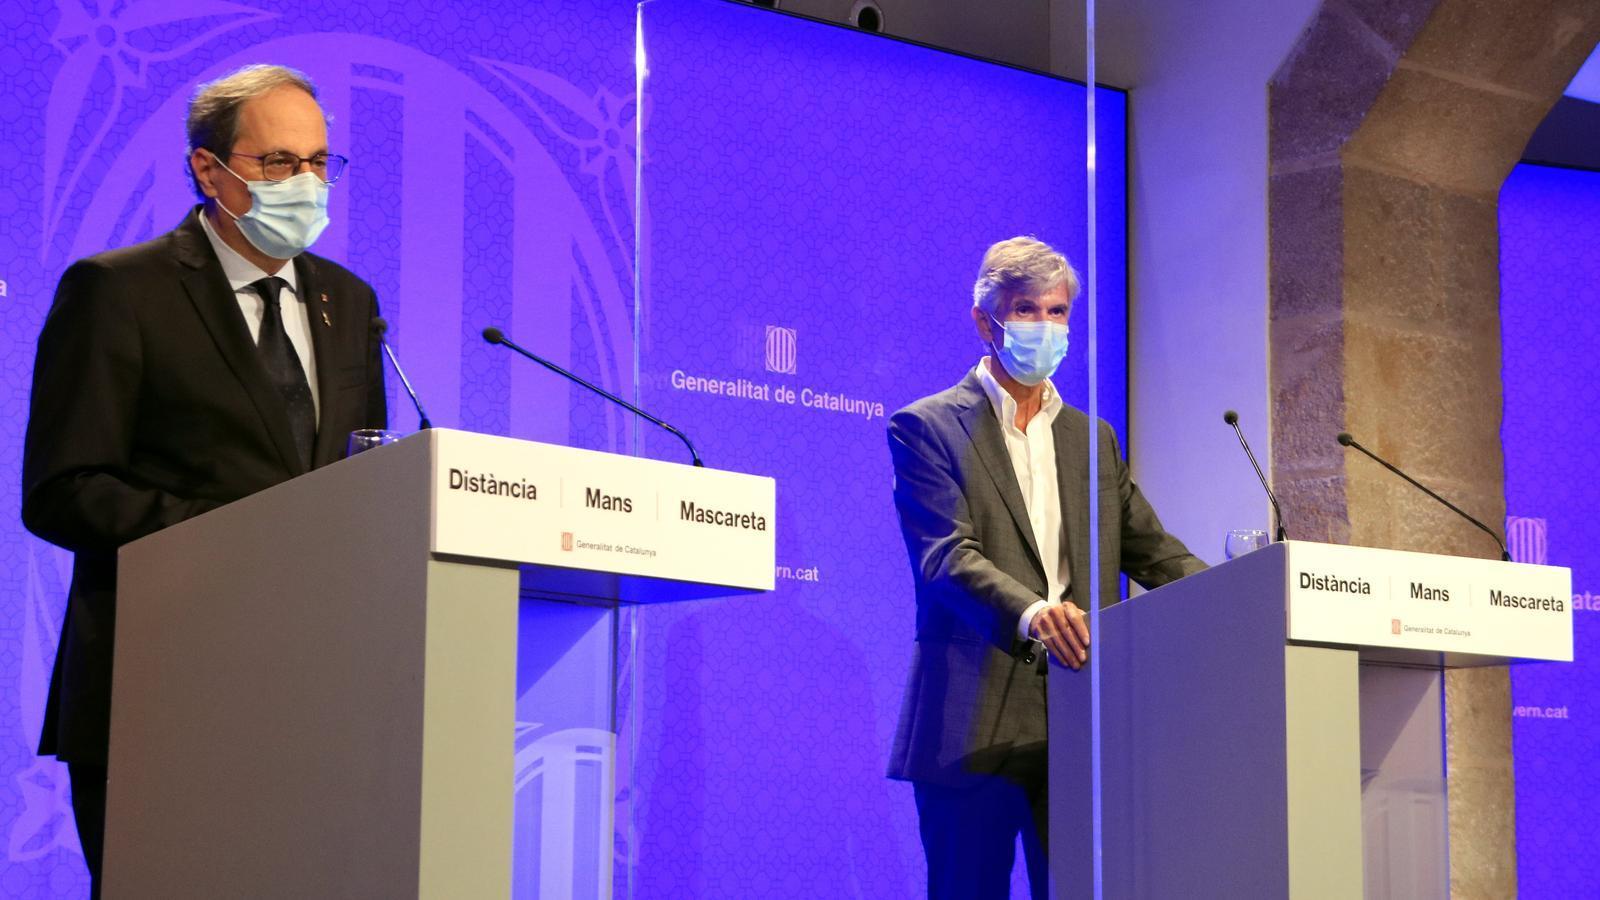 EN DIRECTE: Torra, Vergés i Argimon anuncien noves mesures per contenir l'avenç del coronavirus a Catalunya